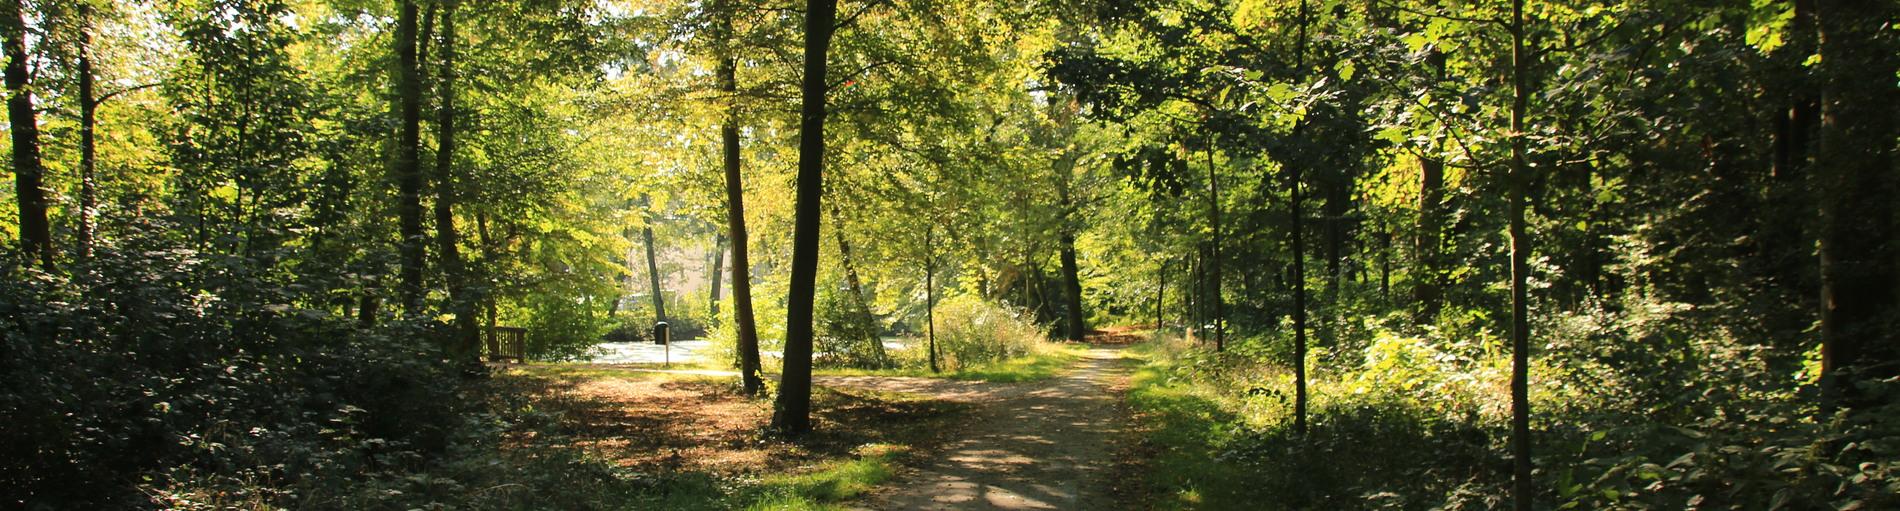 Ein Weg in einem Park bei Sonnenschein